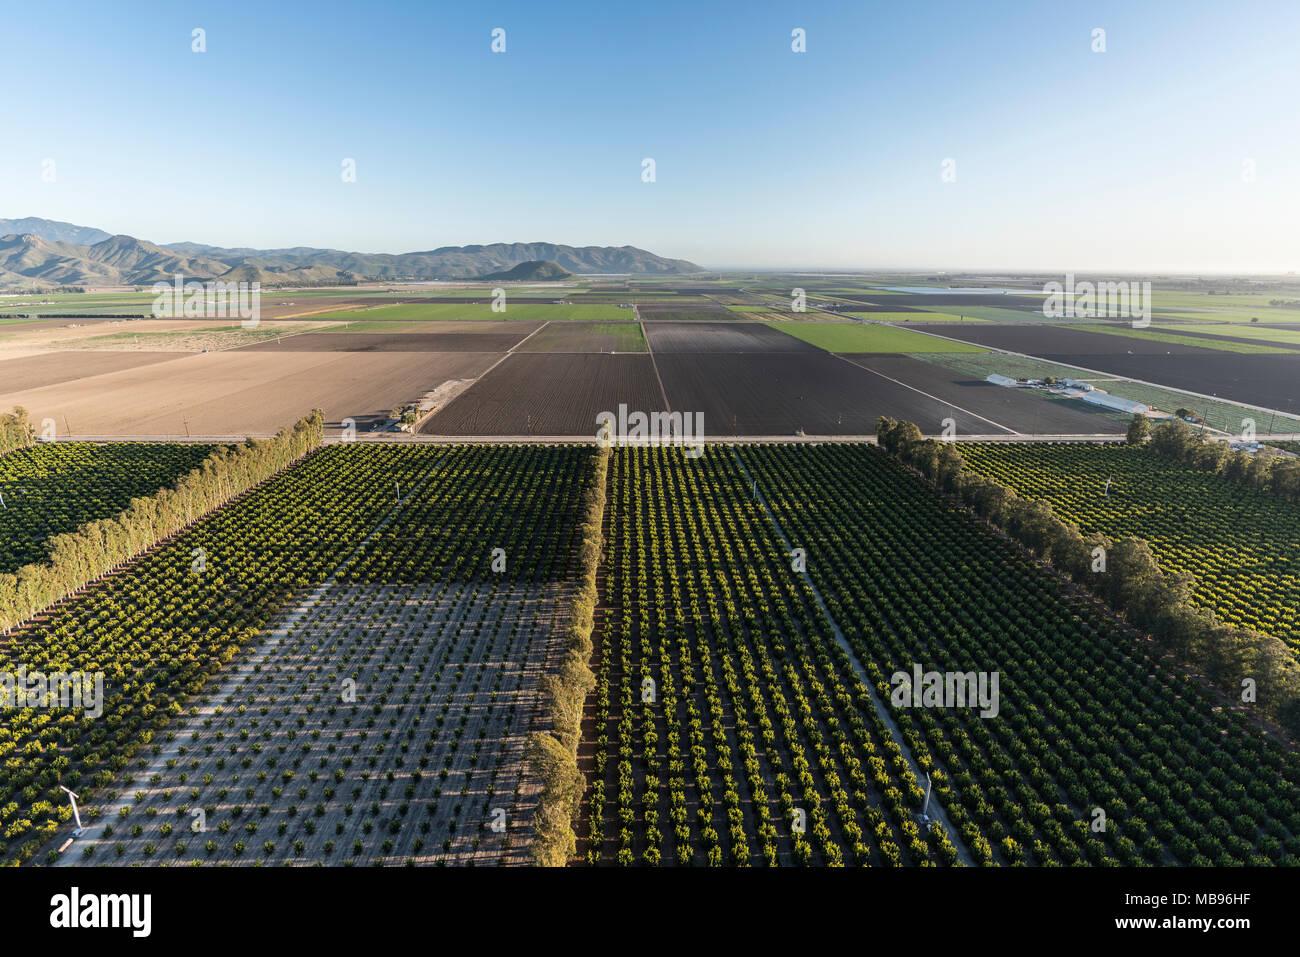 Vista aérea de los huertos de cítricos y los campos de granja costera cerca de Camarillo en el condado de Ventura, California. Imagen De Stock